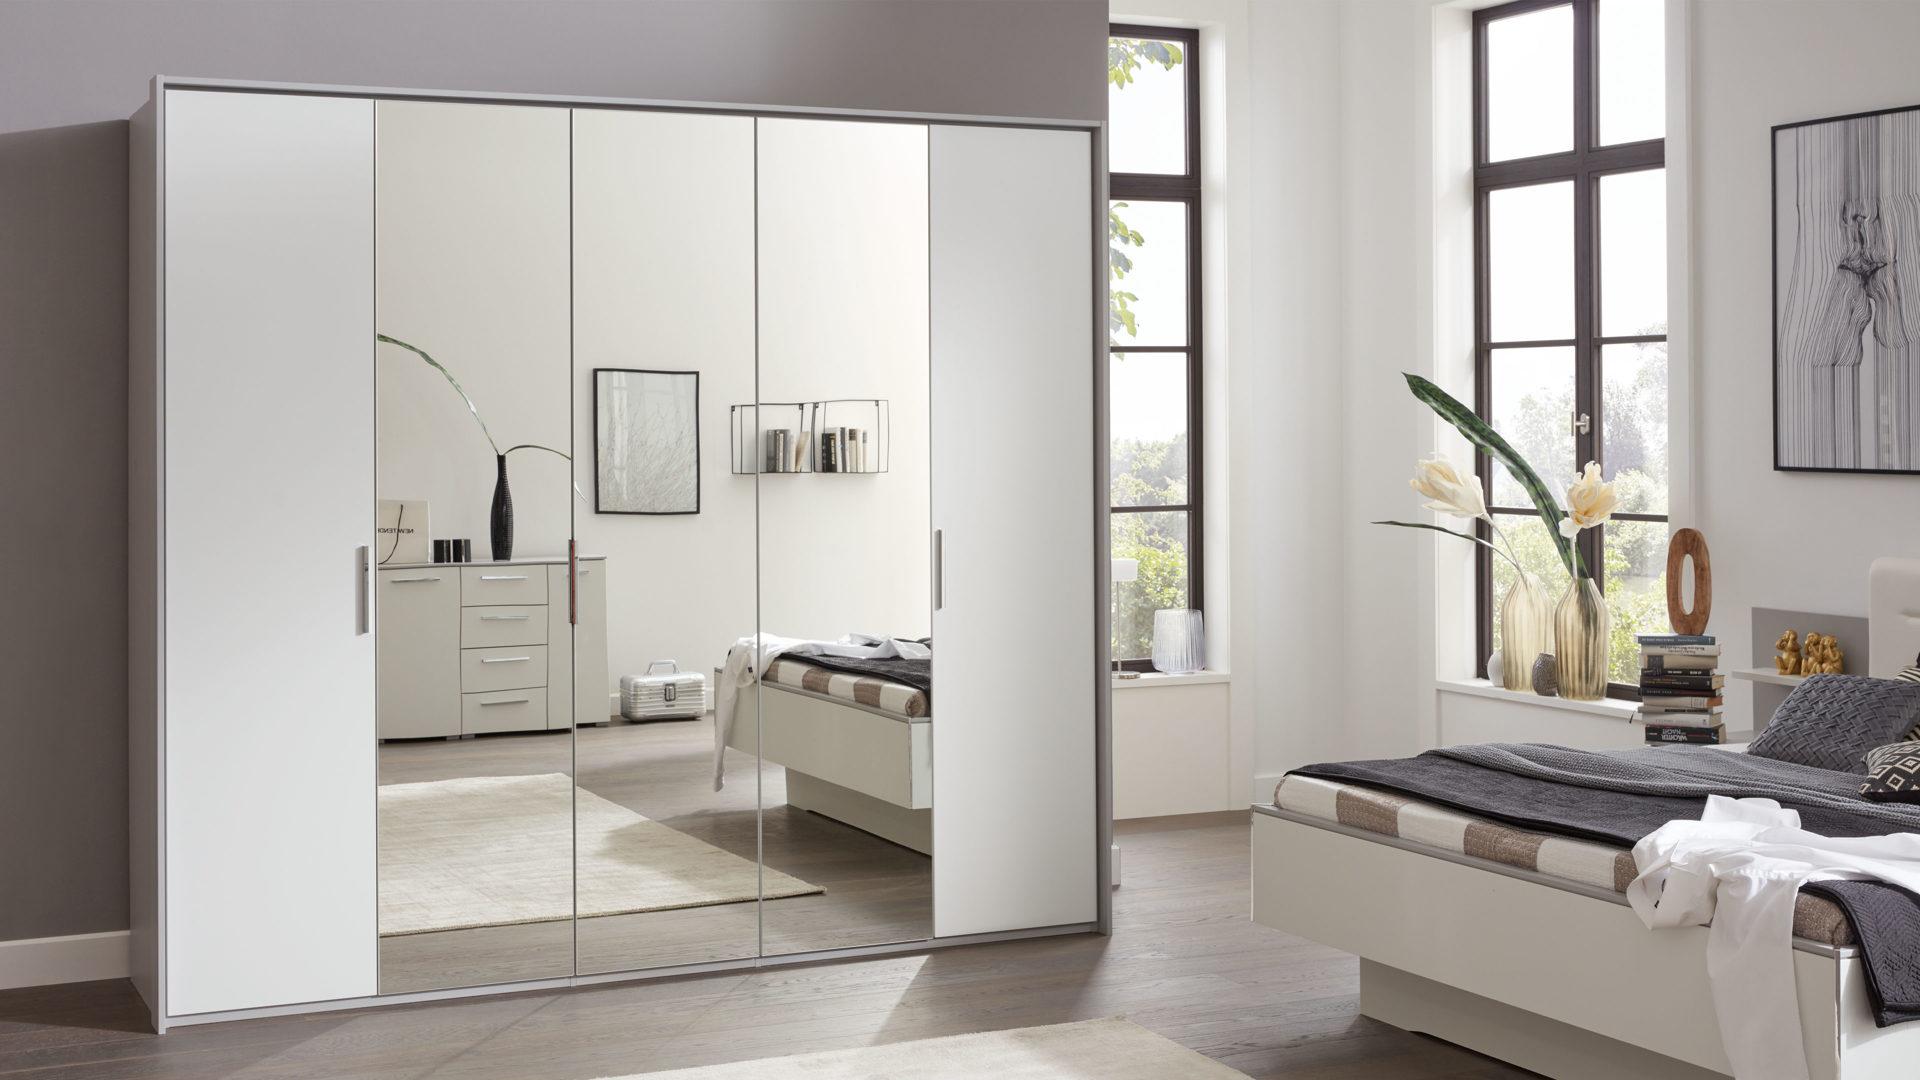 Interliving Schlafzimmer Serie 1011 – Kleiderschrank